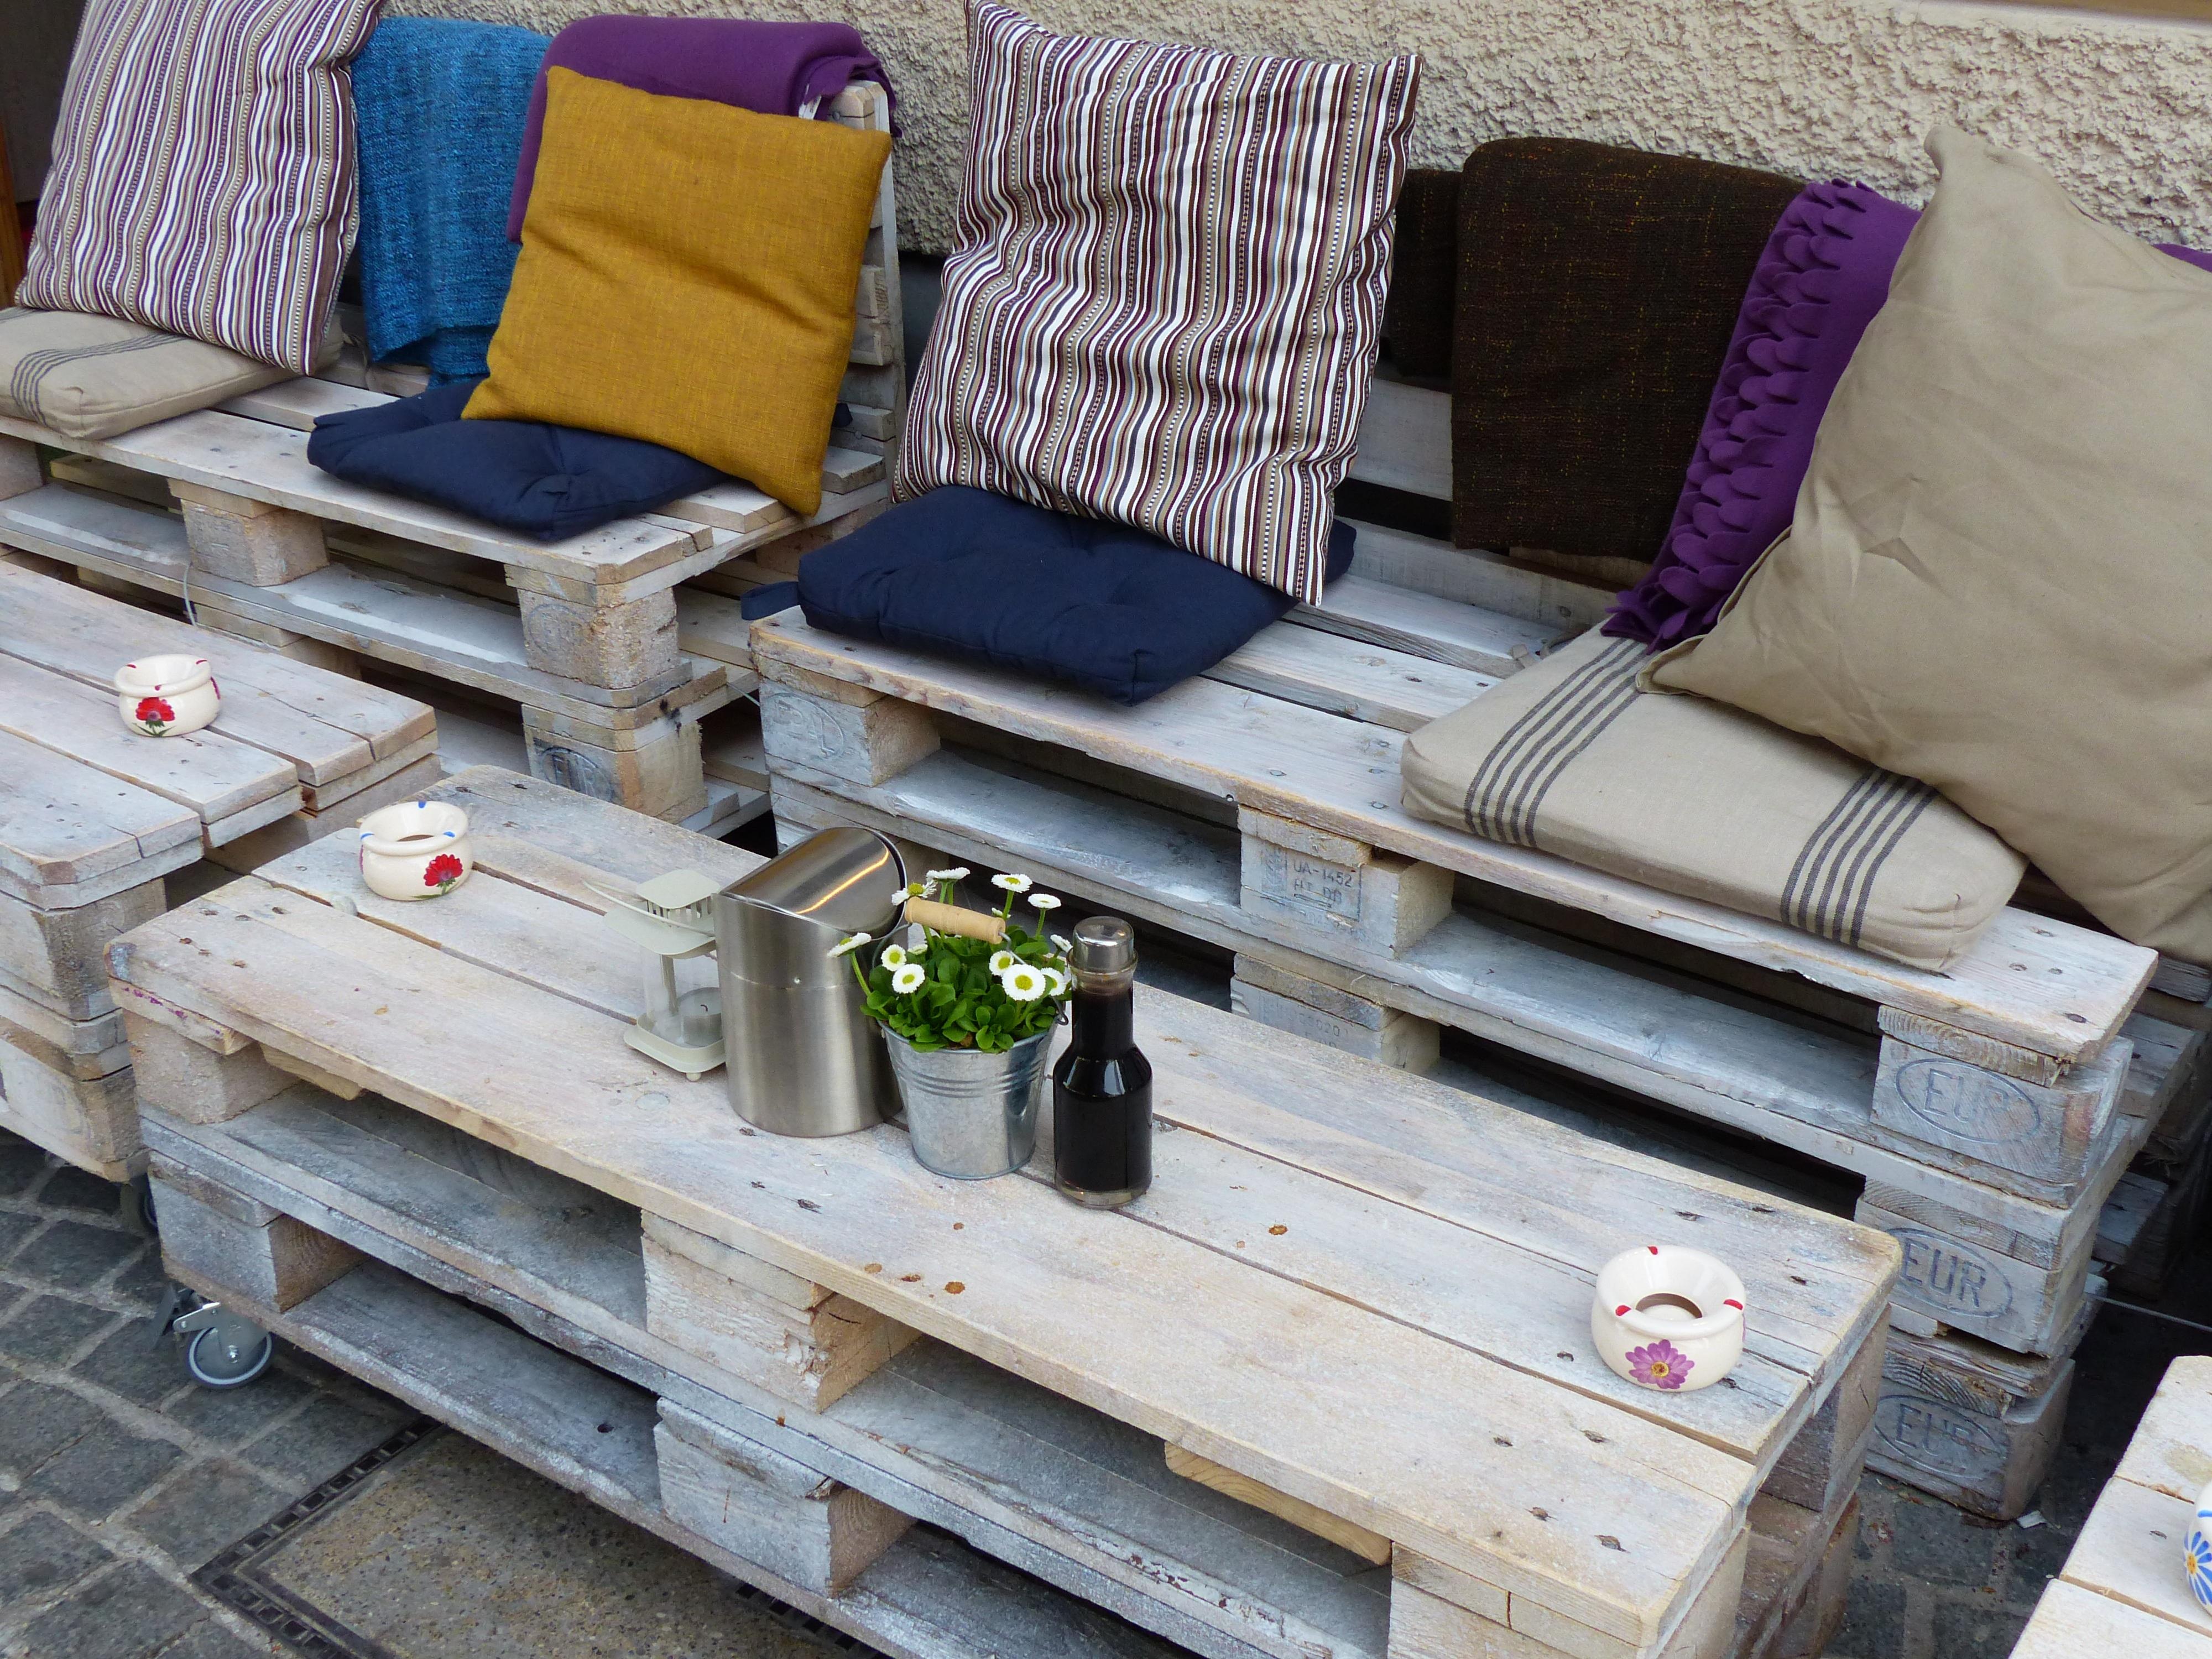 Gambar Meja Outdoor Kreatif Kafe Dek Kayu Kursi Kota